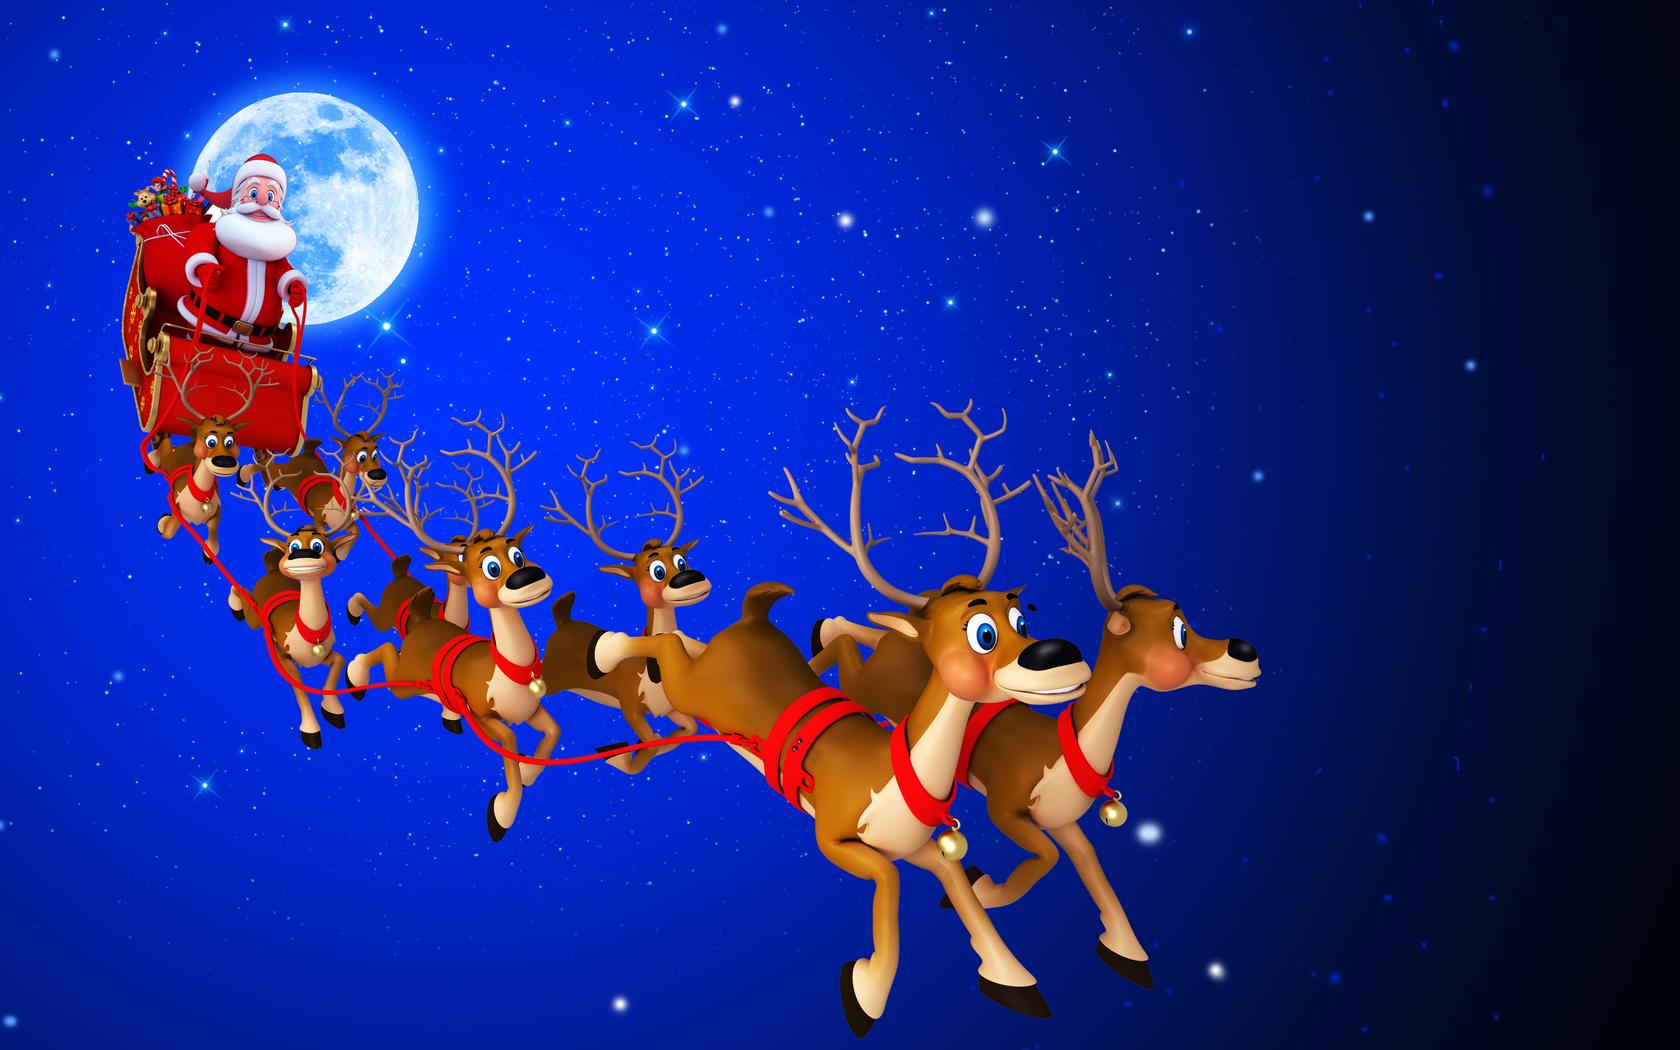 圣诞节英语介绍PPT:这是一个关于圣诞节英语介绍PPT,主要介绍了圣诞节的由来、圣诞节的历史、圣诞树、圣诞老人的来历、圣诞赞歌、圣诞礼物、世界各地的圣诞节等内容。欢迎点击下载圣诞节英语介绍PPT哦。圣诞节(Christmas或Cristo Messa ),译名为基督弥撒。弥撒是教会的一种礼拜仪式。每年12月25日,是基督徒庆祝耶稣基督诞生的庆祝日,在圣诞节,大部分的天主教教堂都会先在12月24日的耶诞夜,亦即12月25日凌晨举行子夜弥撒,而一些基督教会则会举行报佳音,然后在12月25日庆祝圣诞节;而基督